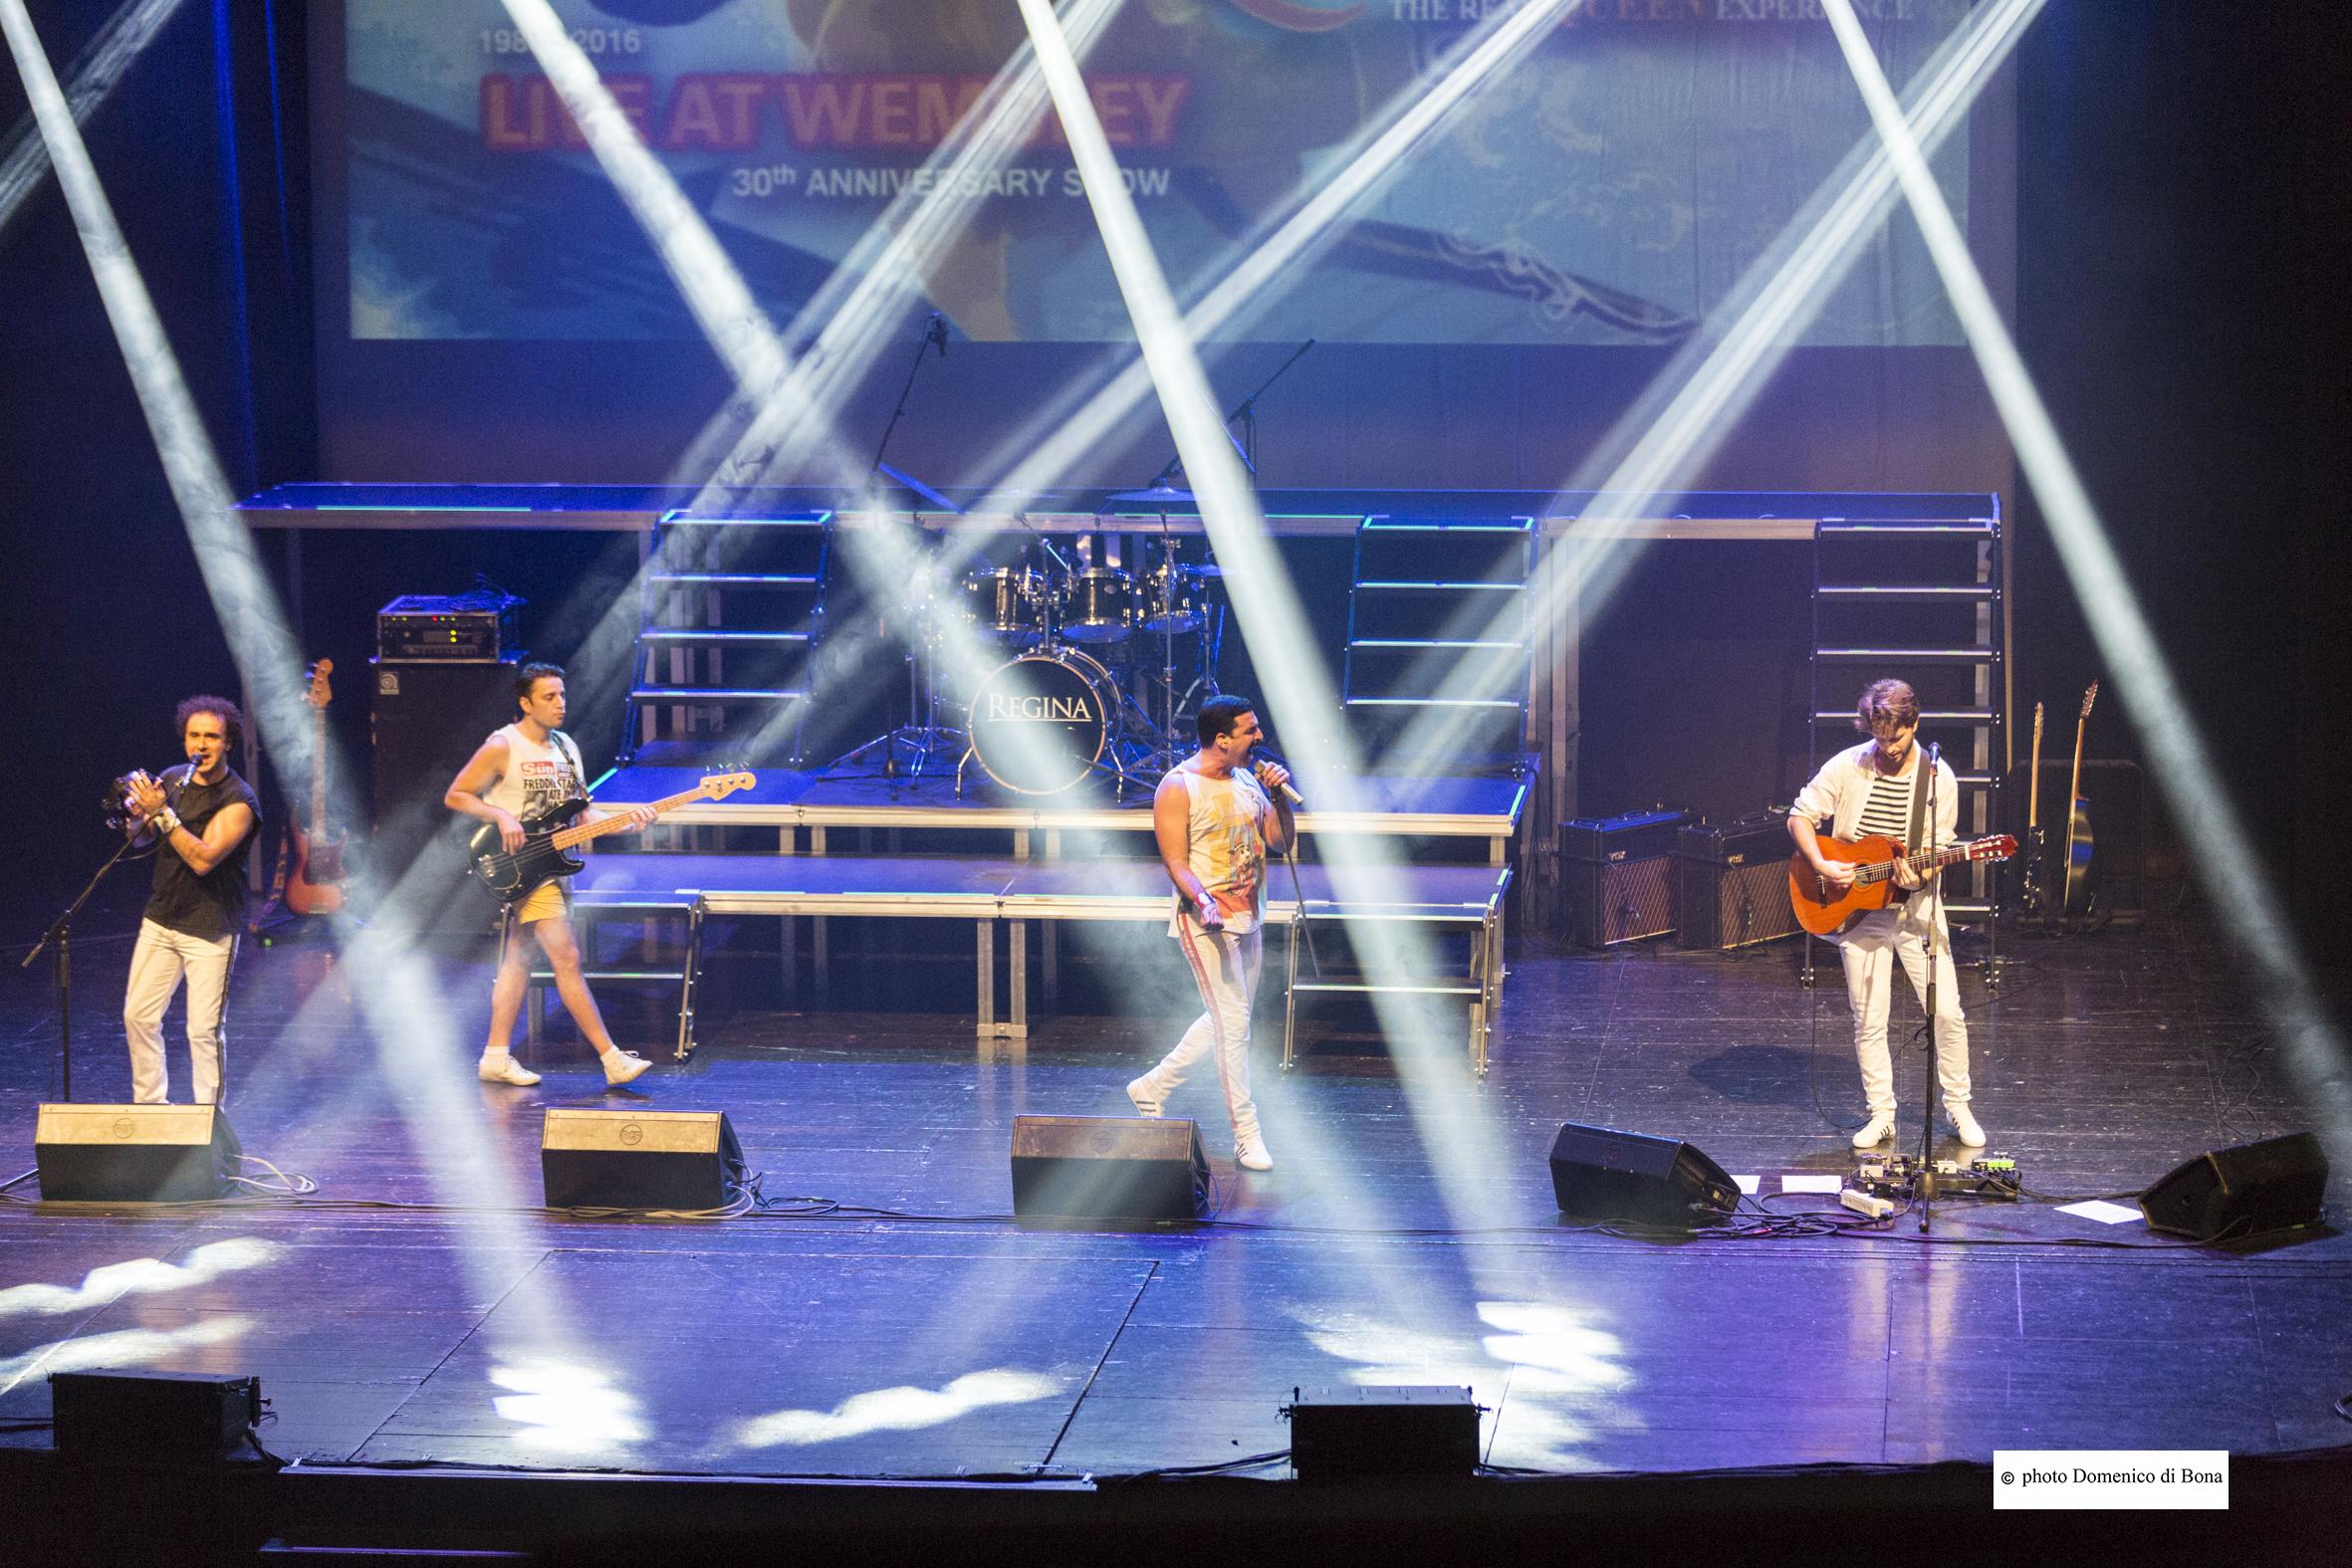 Regina @ Teatro Olimpico - 04 01 2016